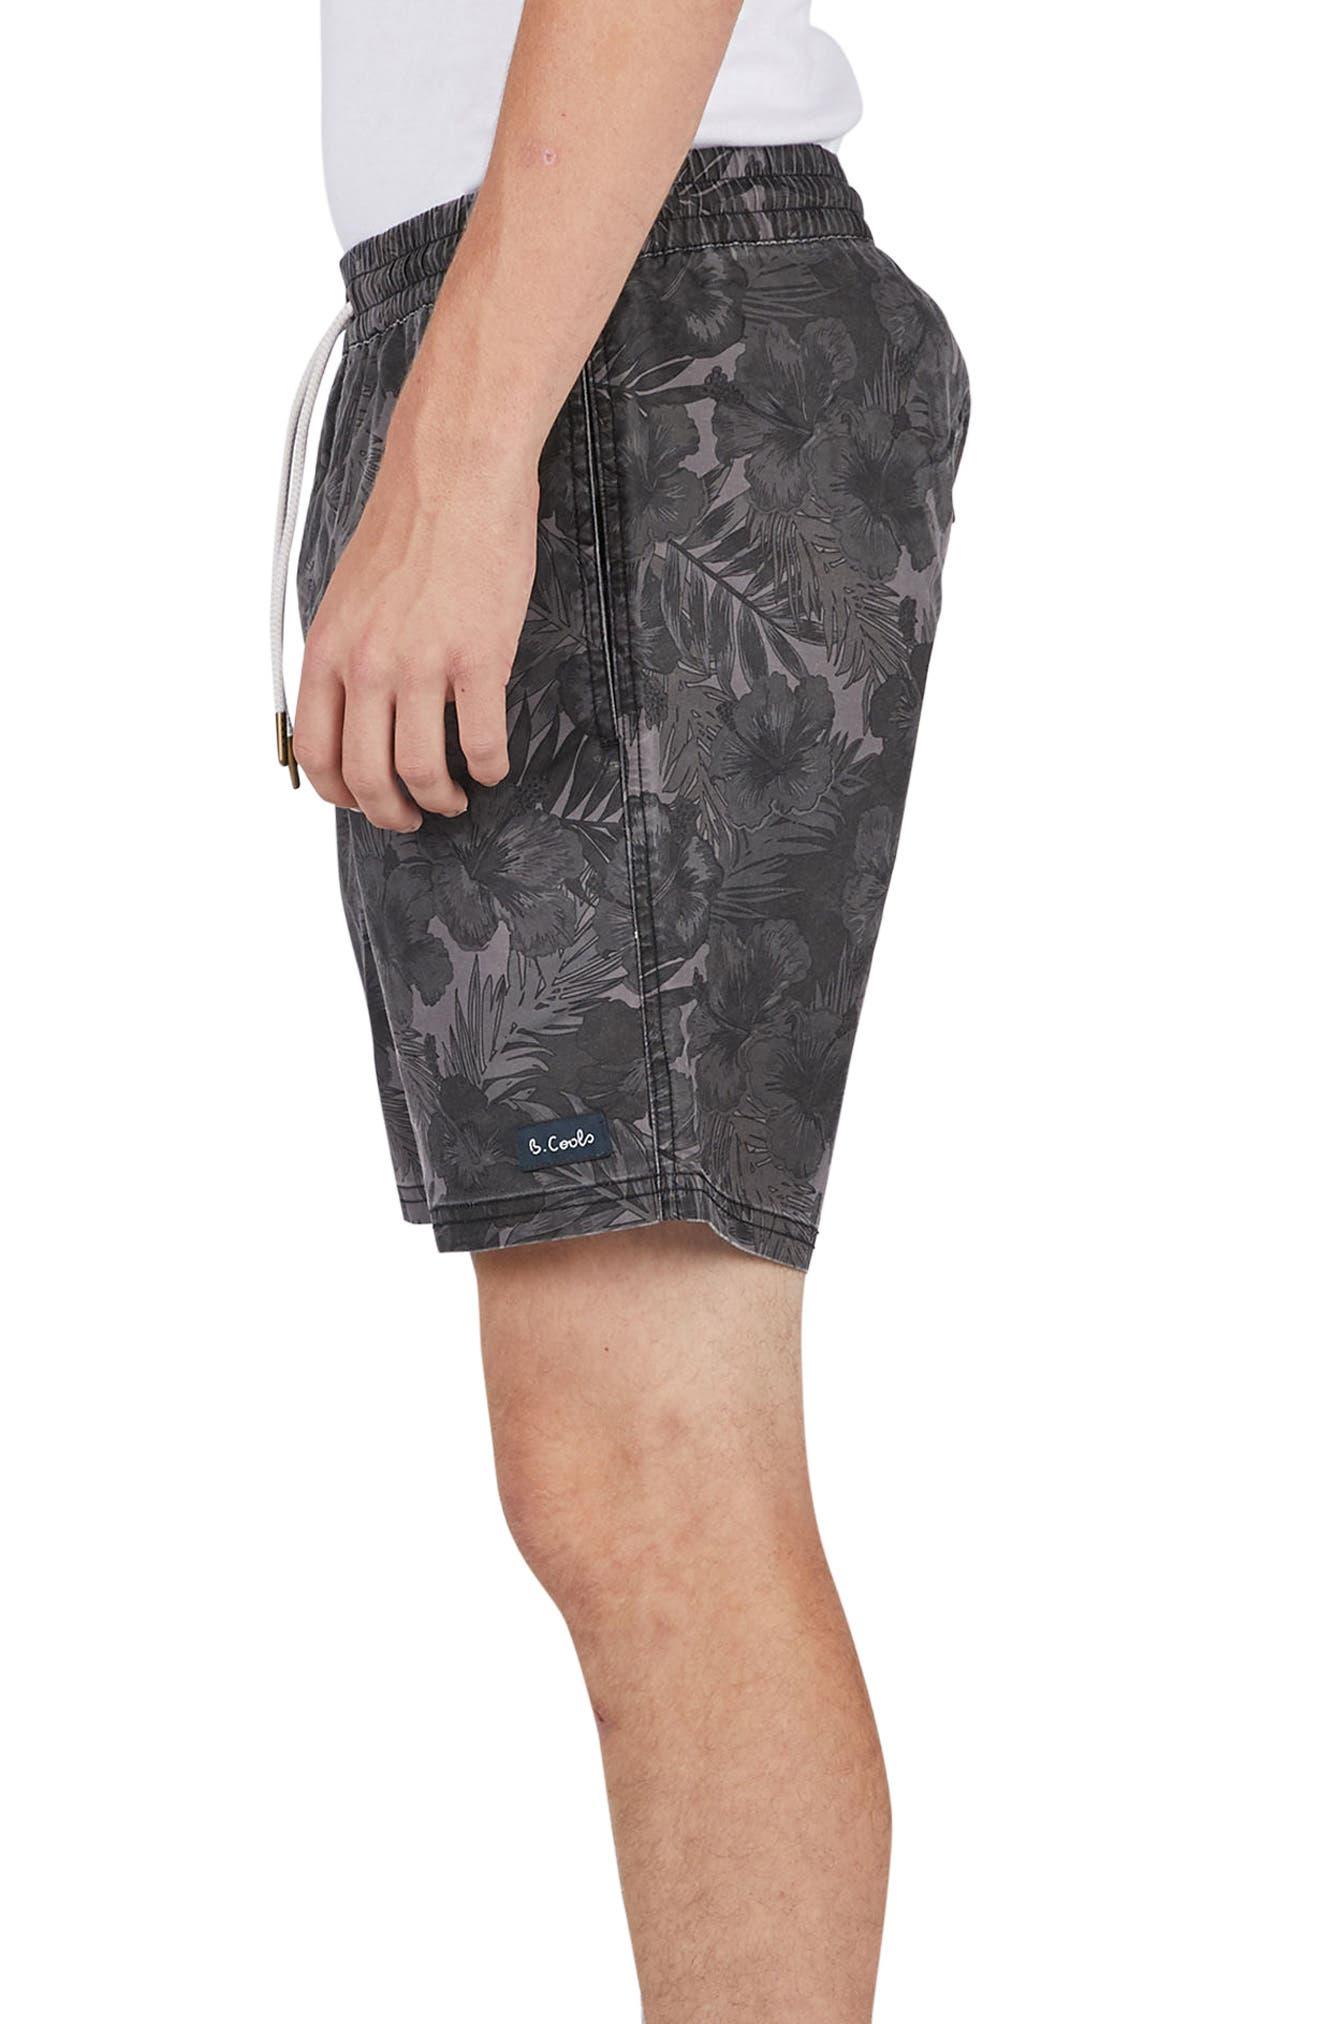 Amphibious Shorts,                             Alternate thumbnail 3, color,                             Black Floral